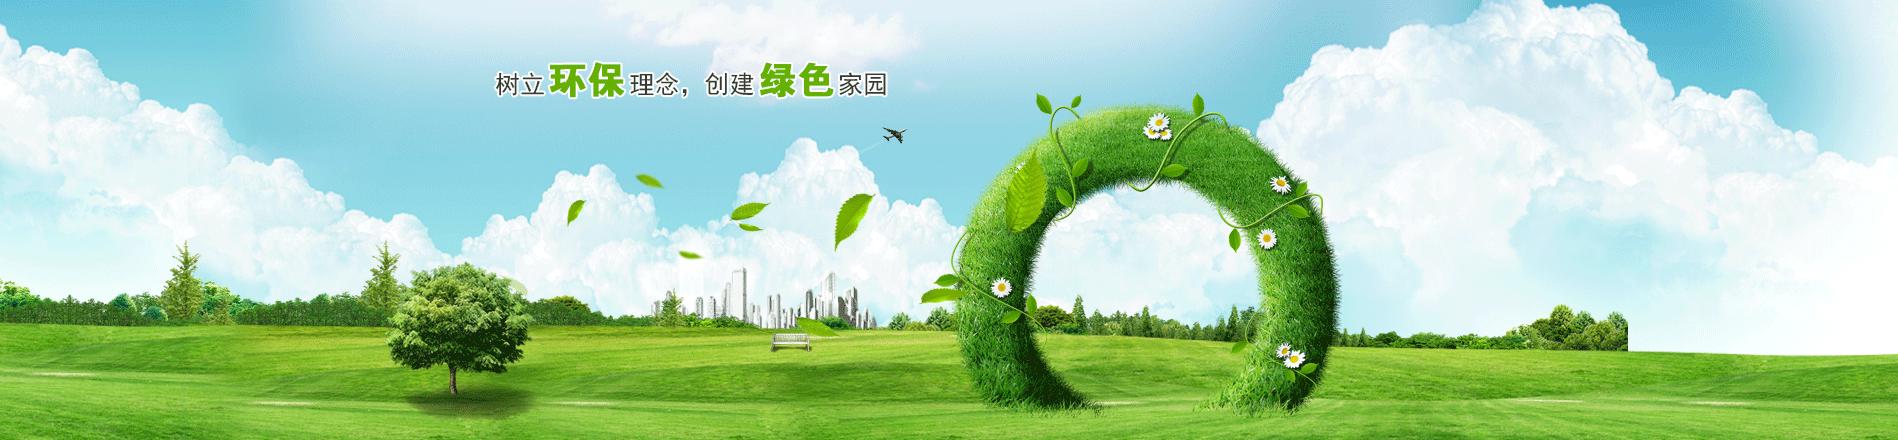 稀盐酸(HCL)试剂级 - 安徽皖神环保有限公司